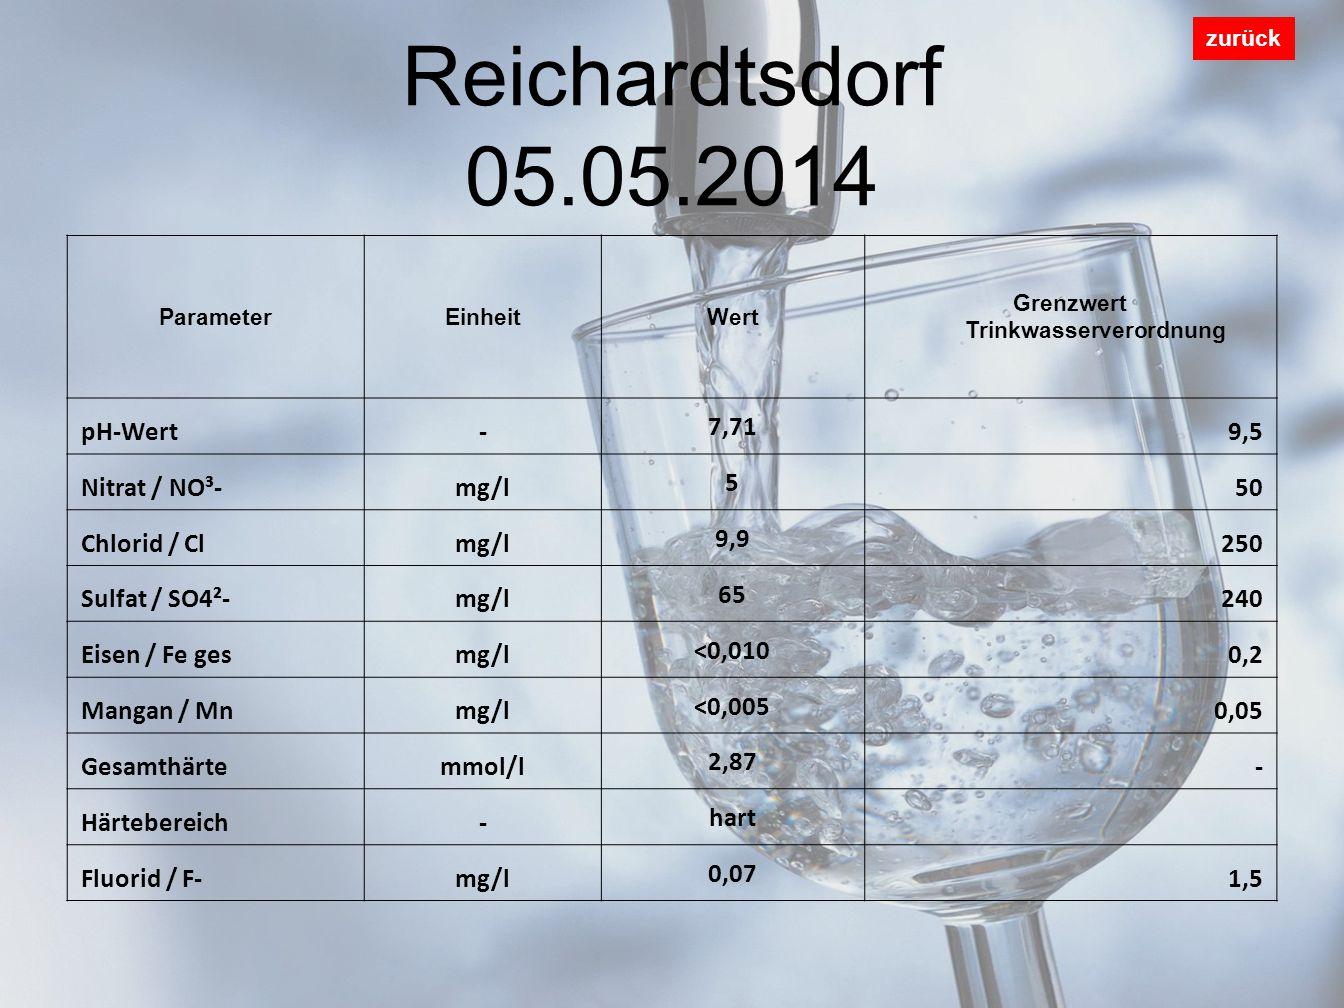 Grenzwert Trinkwasserverordnung